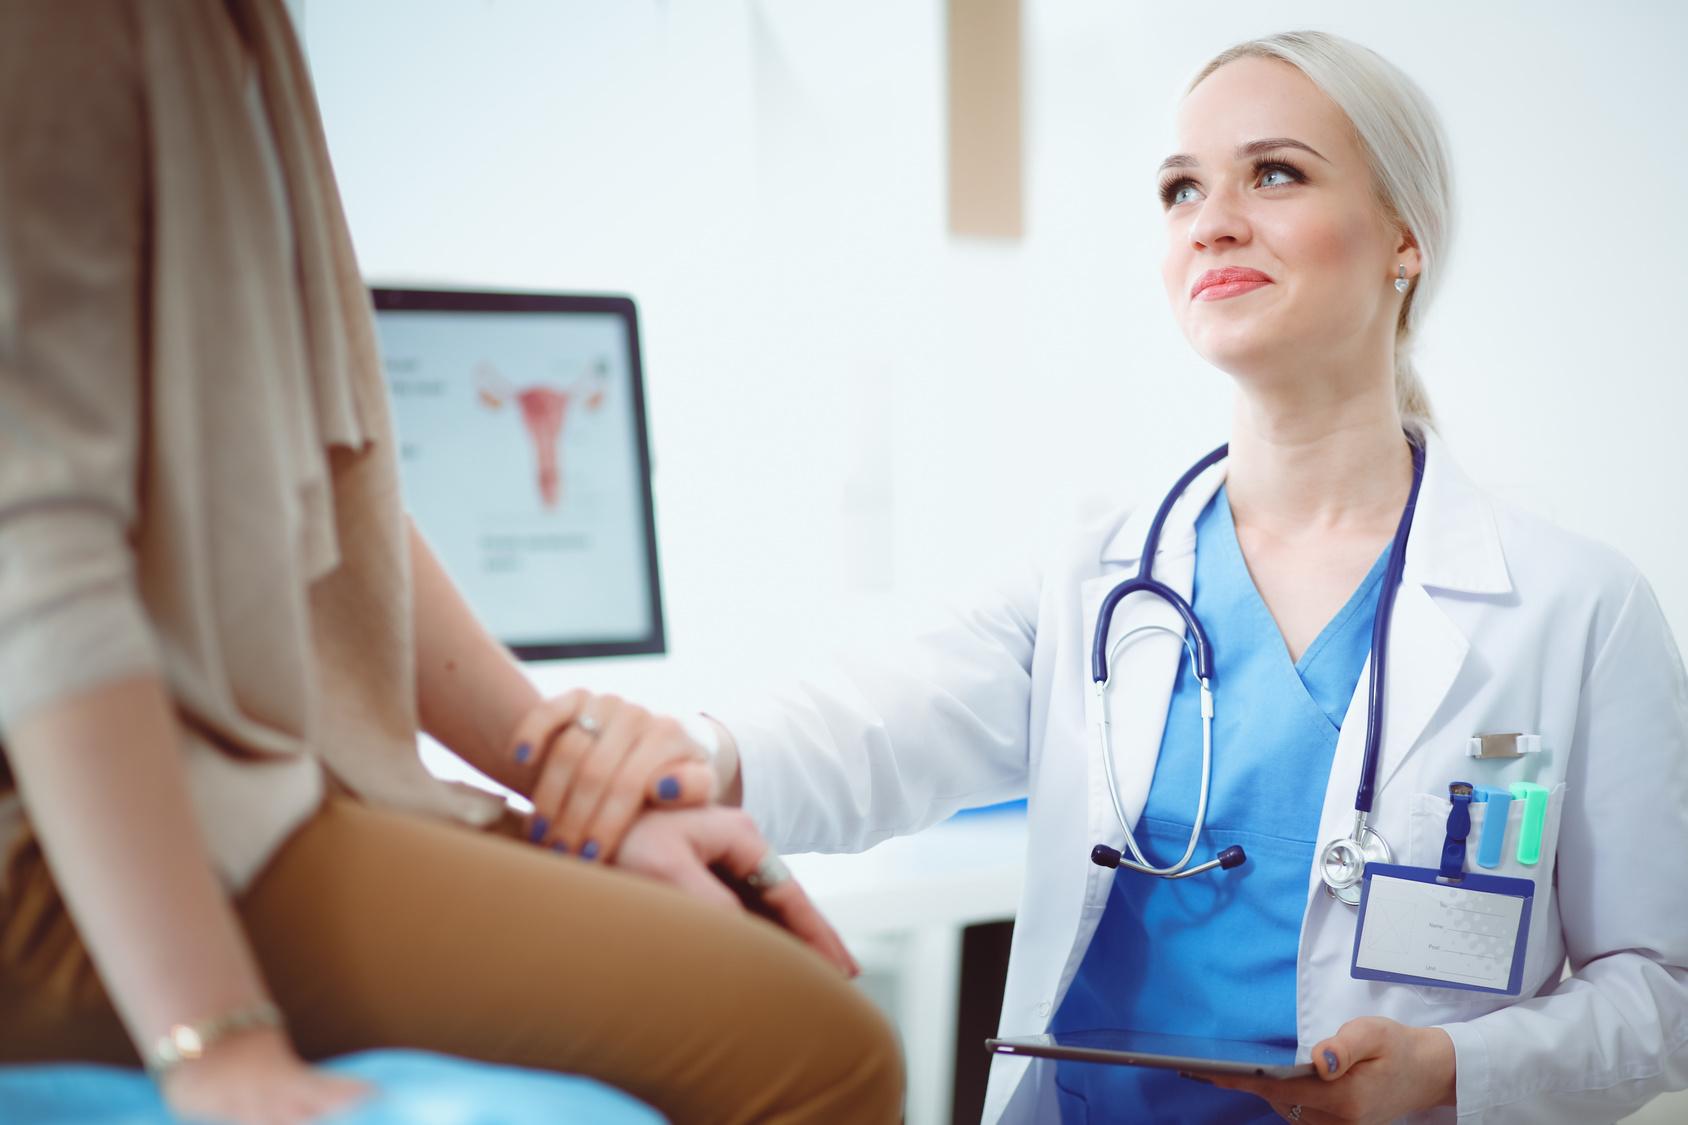 uśmiechnięta lekarka kładzie dłoń na ręku pacjentki; w tle wynik badania macicy /Ilustracja do tekstu: Innowacyjne leczenie endometriozy